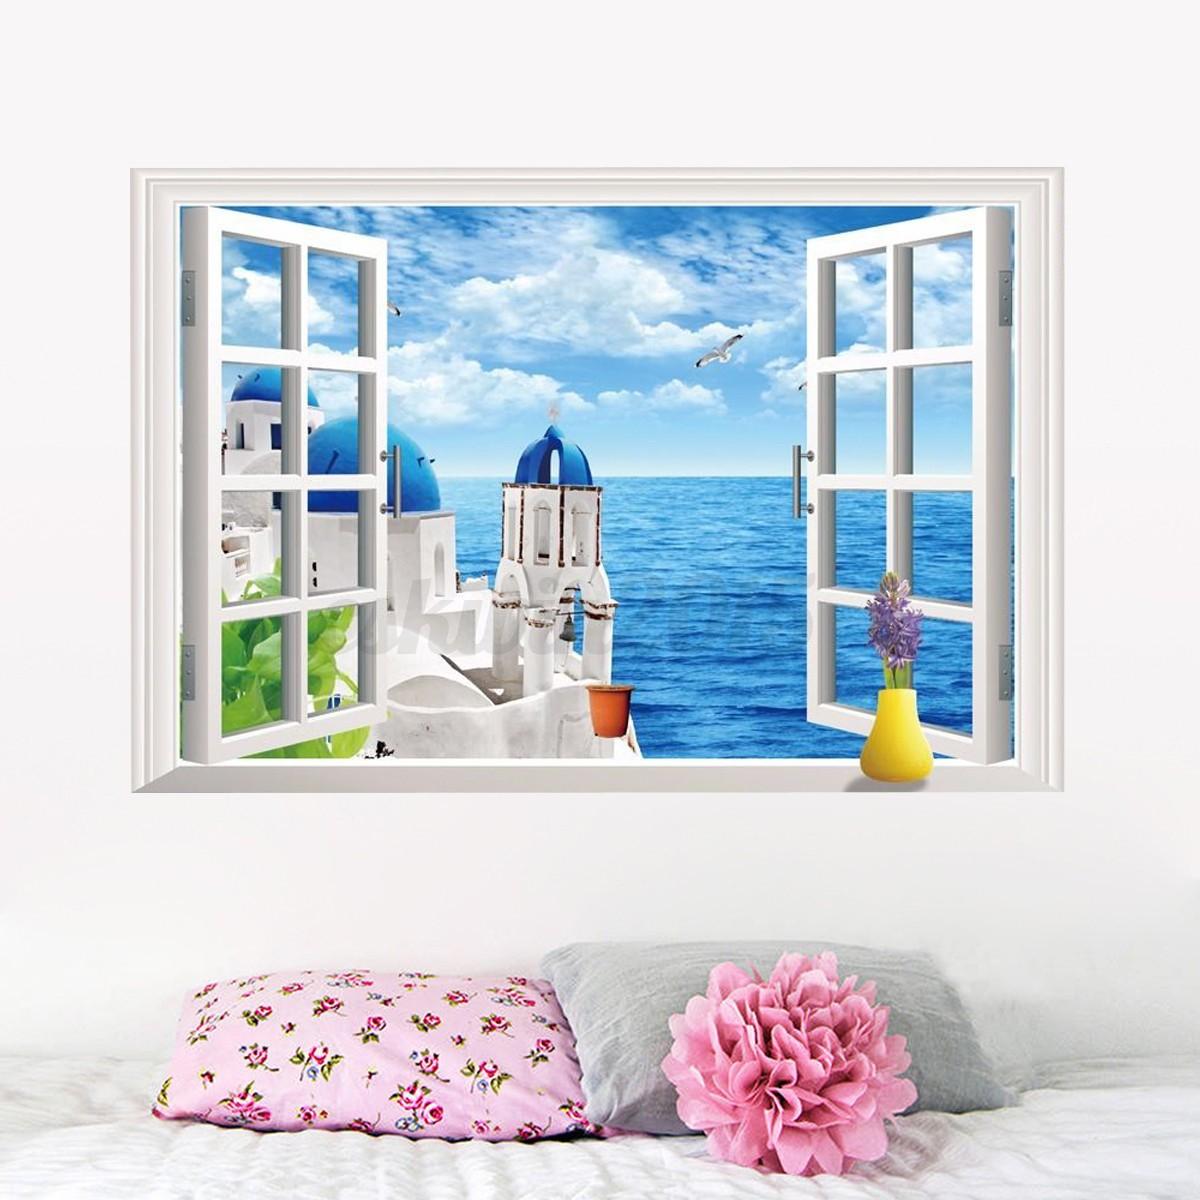 3d ocean beach window wall sticker decals room decor vinyl for Beach wall mural decals